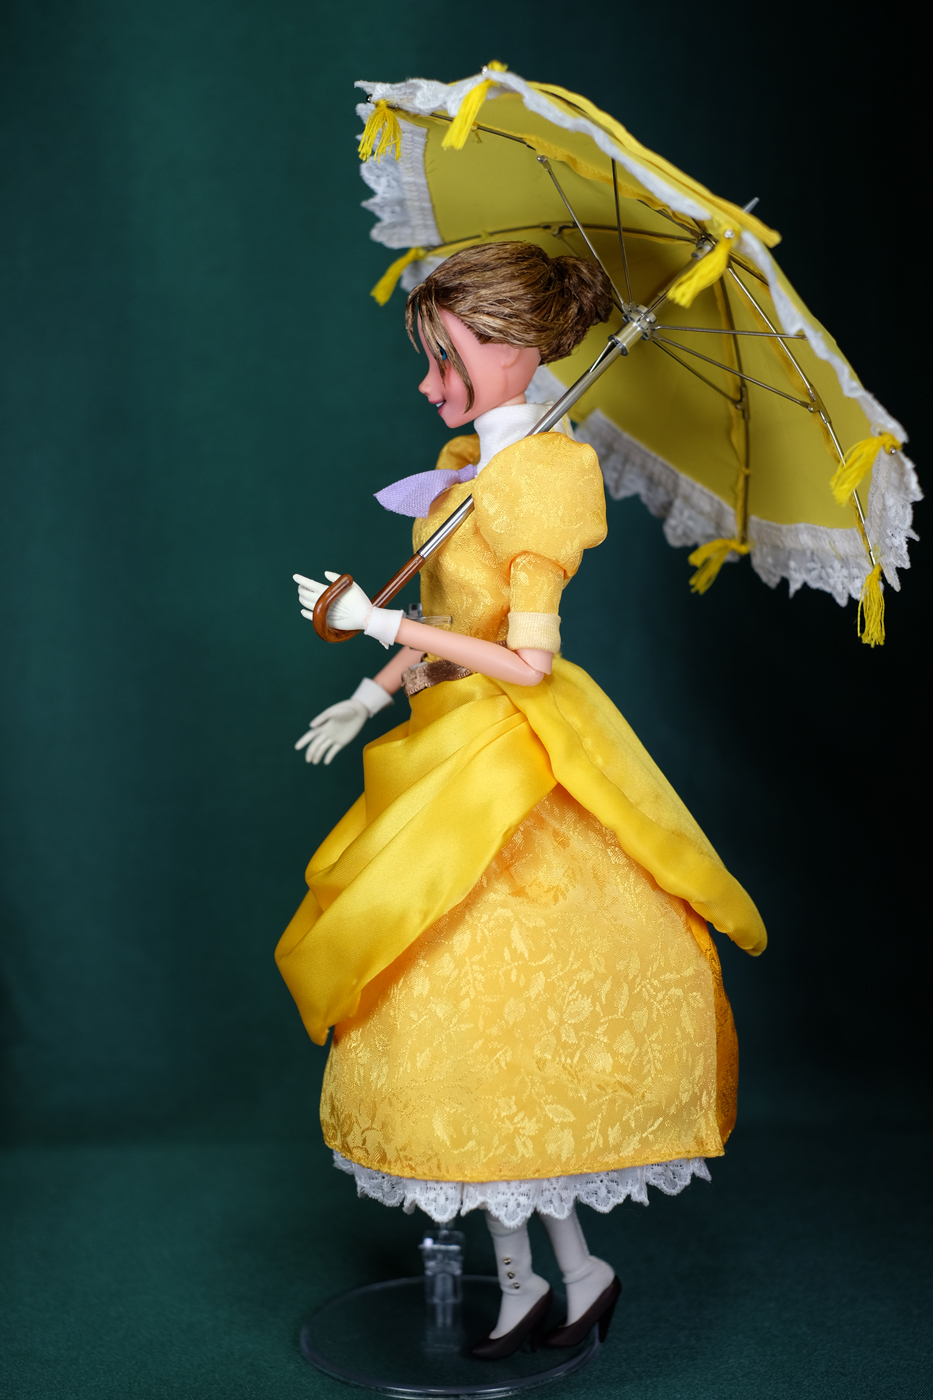 Jane Porter OOAK doll repainted by R+Y factory*